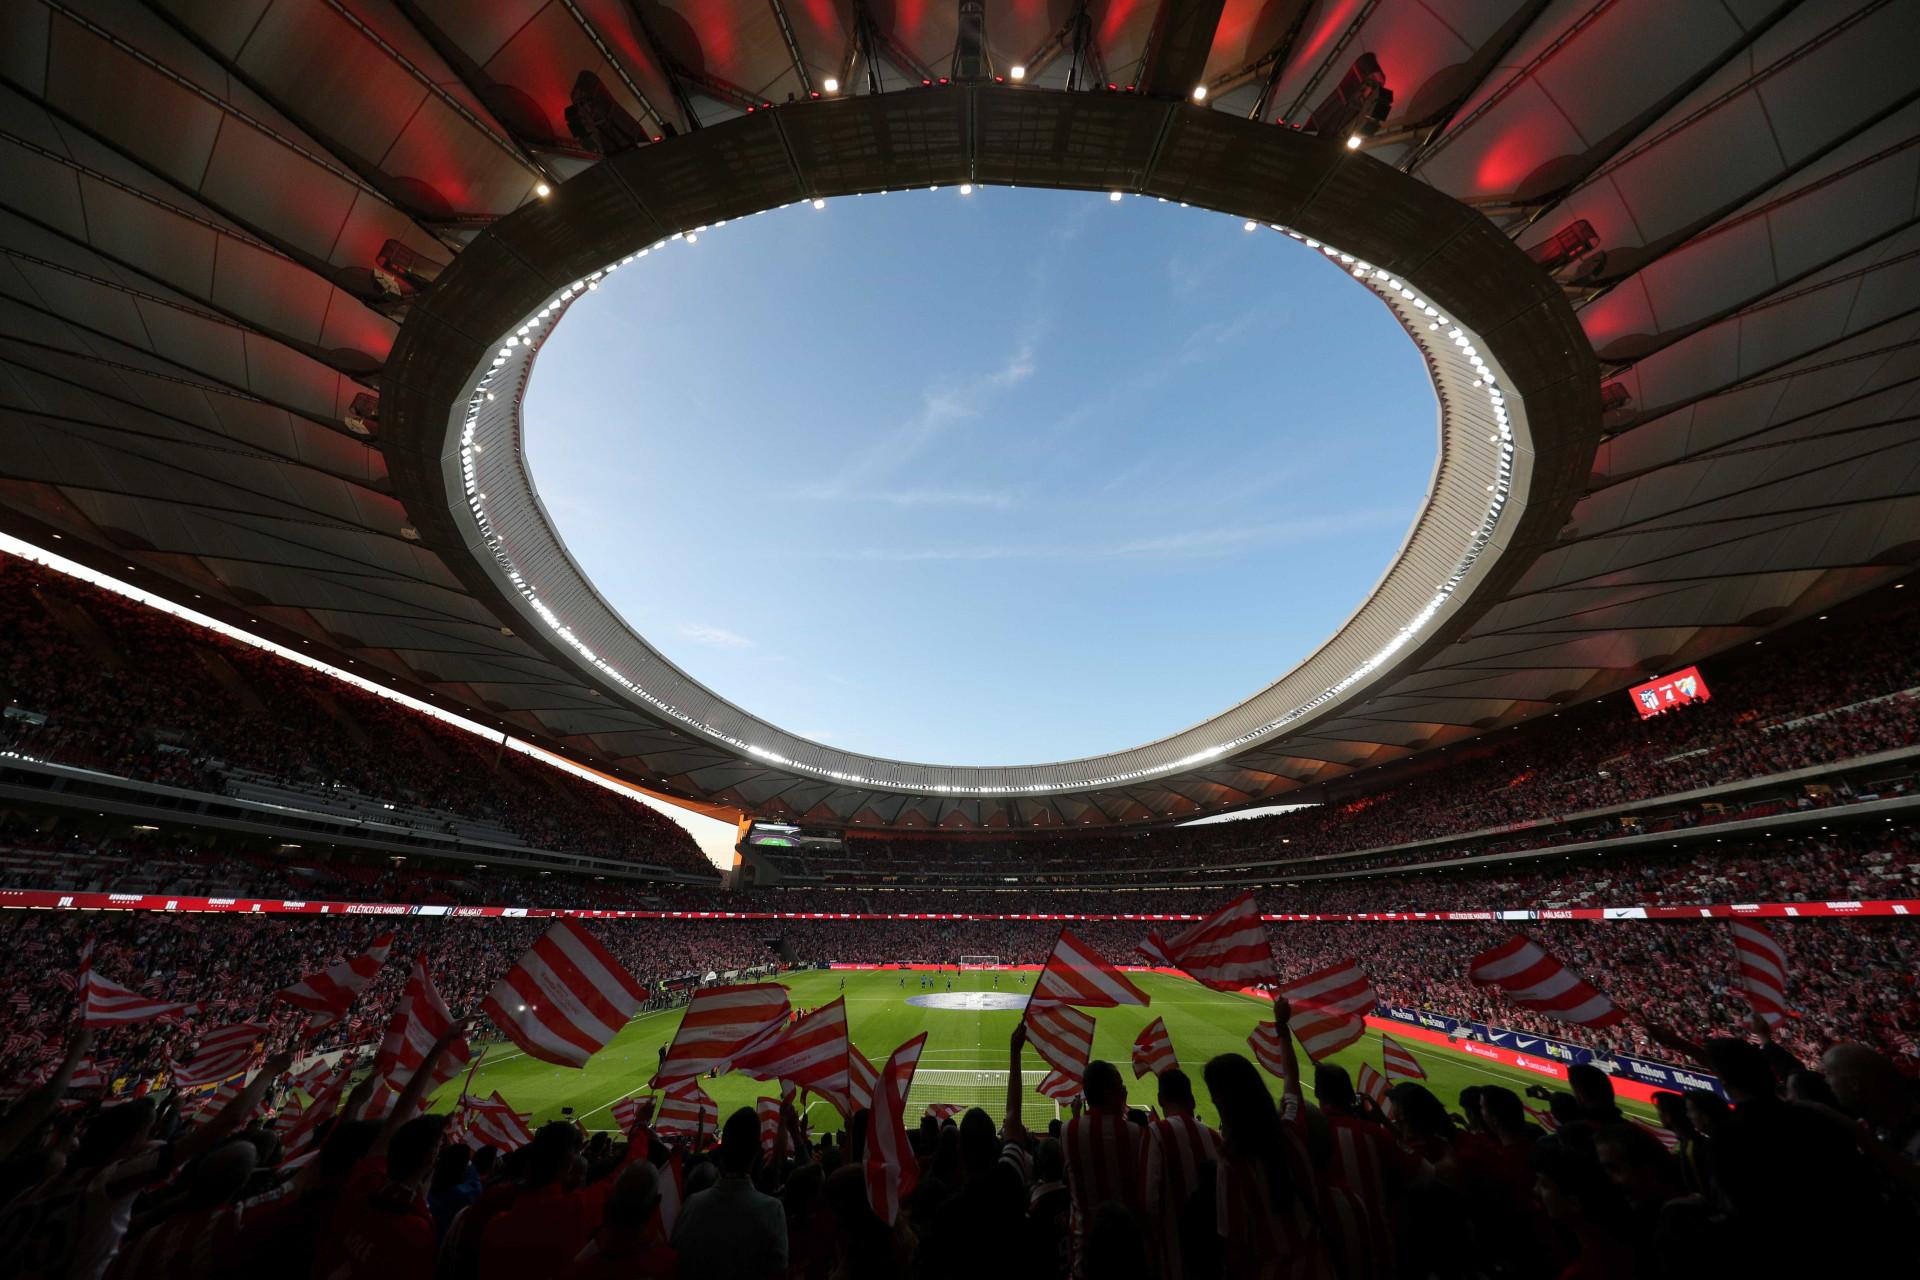 Fique com as melhores imagens da inauguração do Wanda Metropolitano